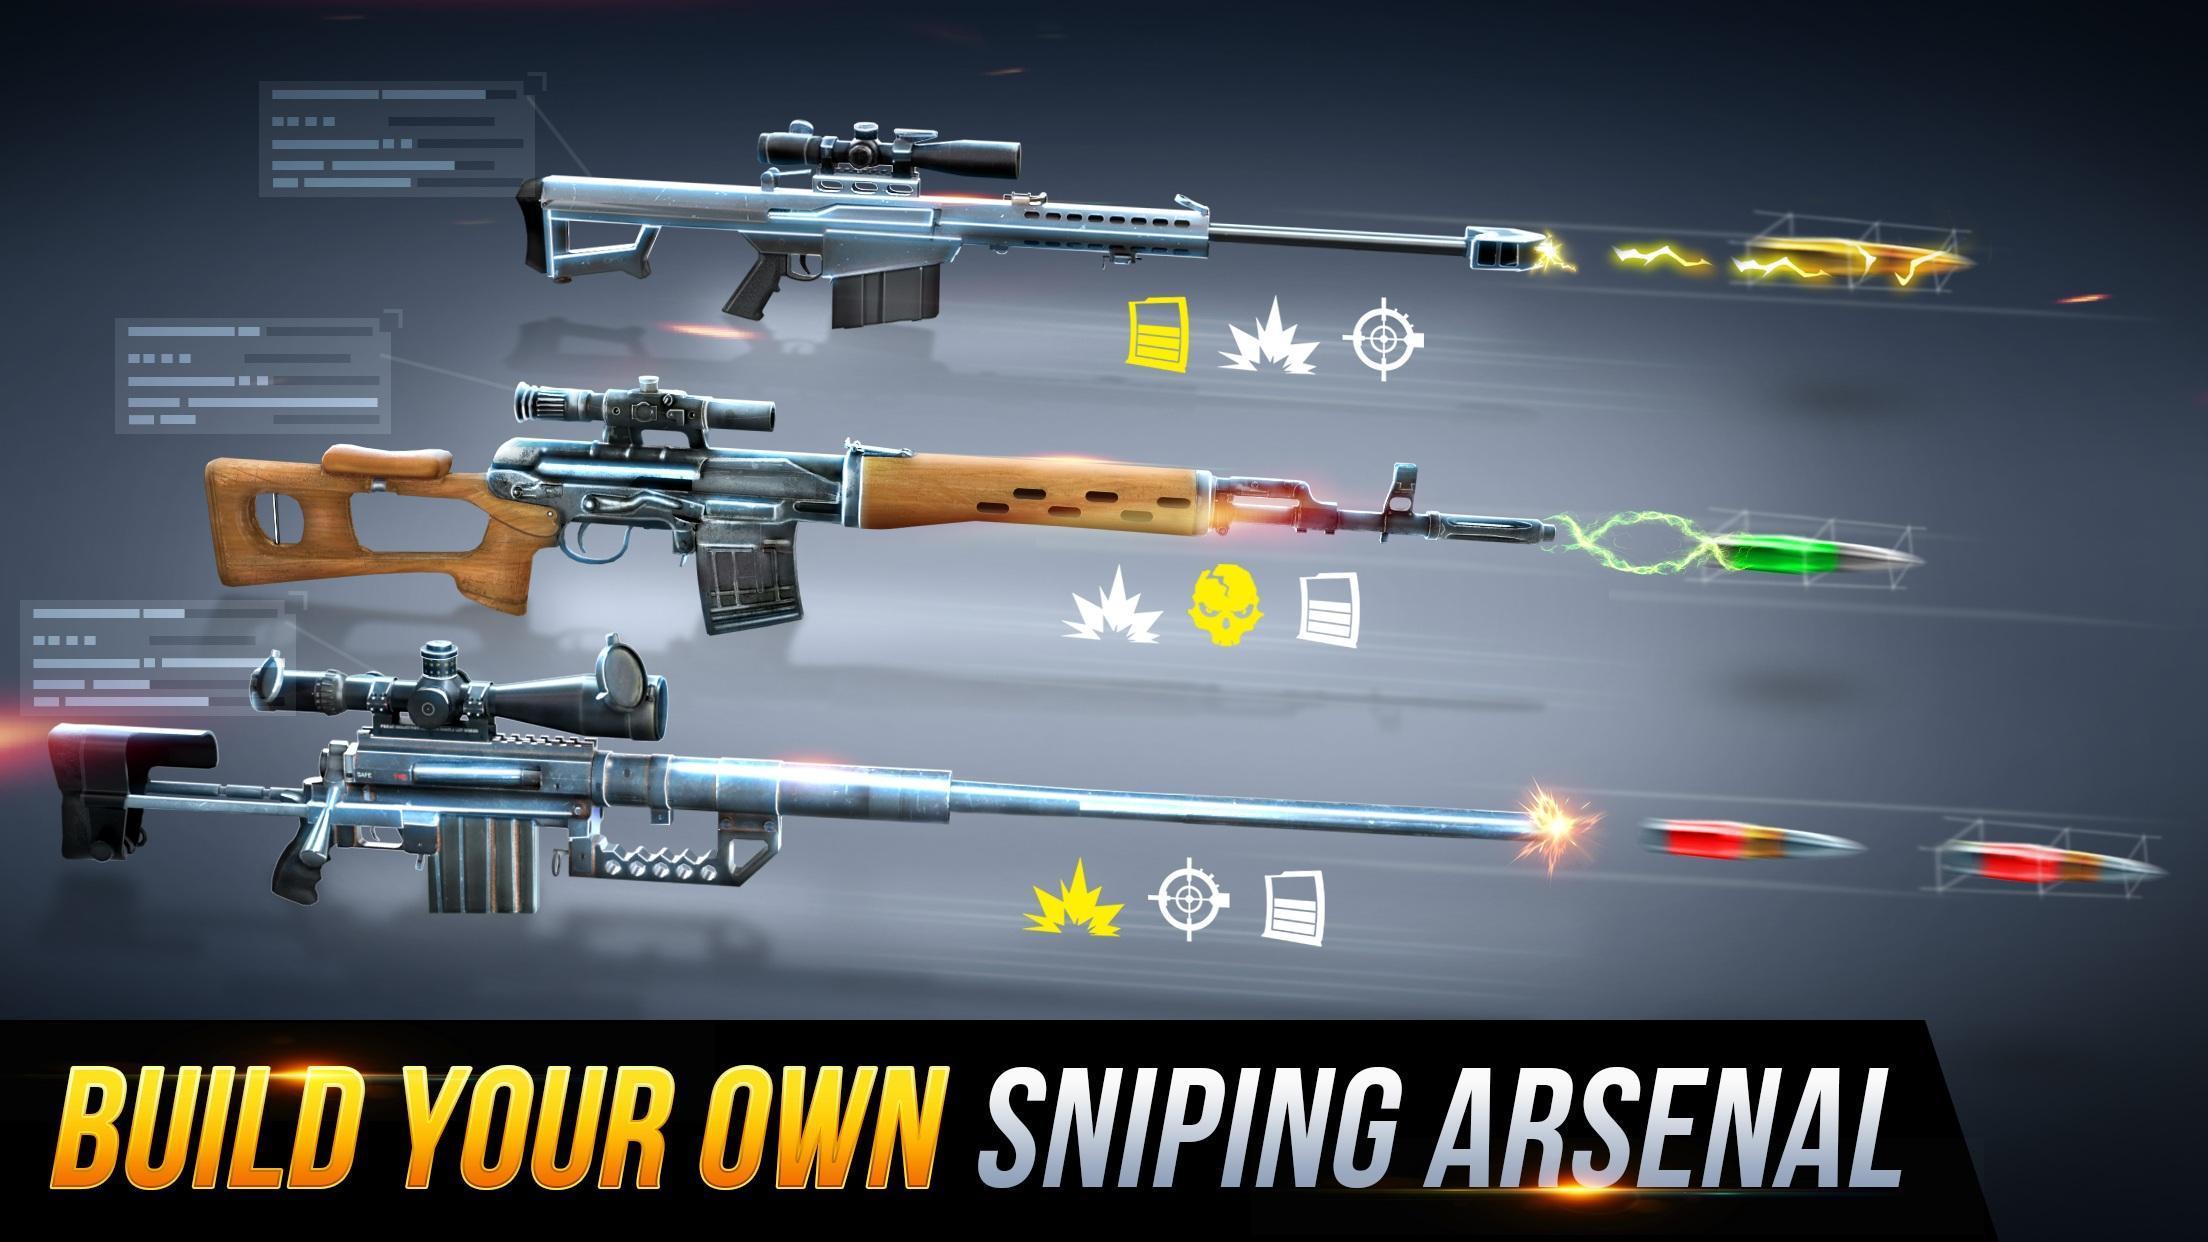 Sniper Honor: Fun FPS 3D Gun Shooting Game 2020 1.8.1 Screenshot 3